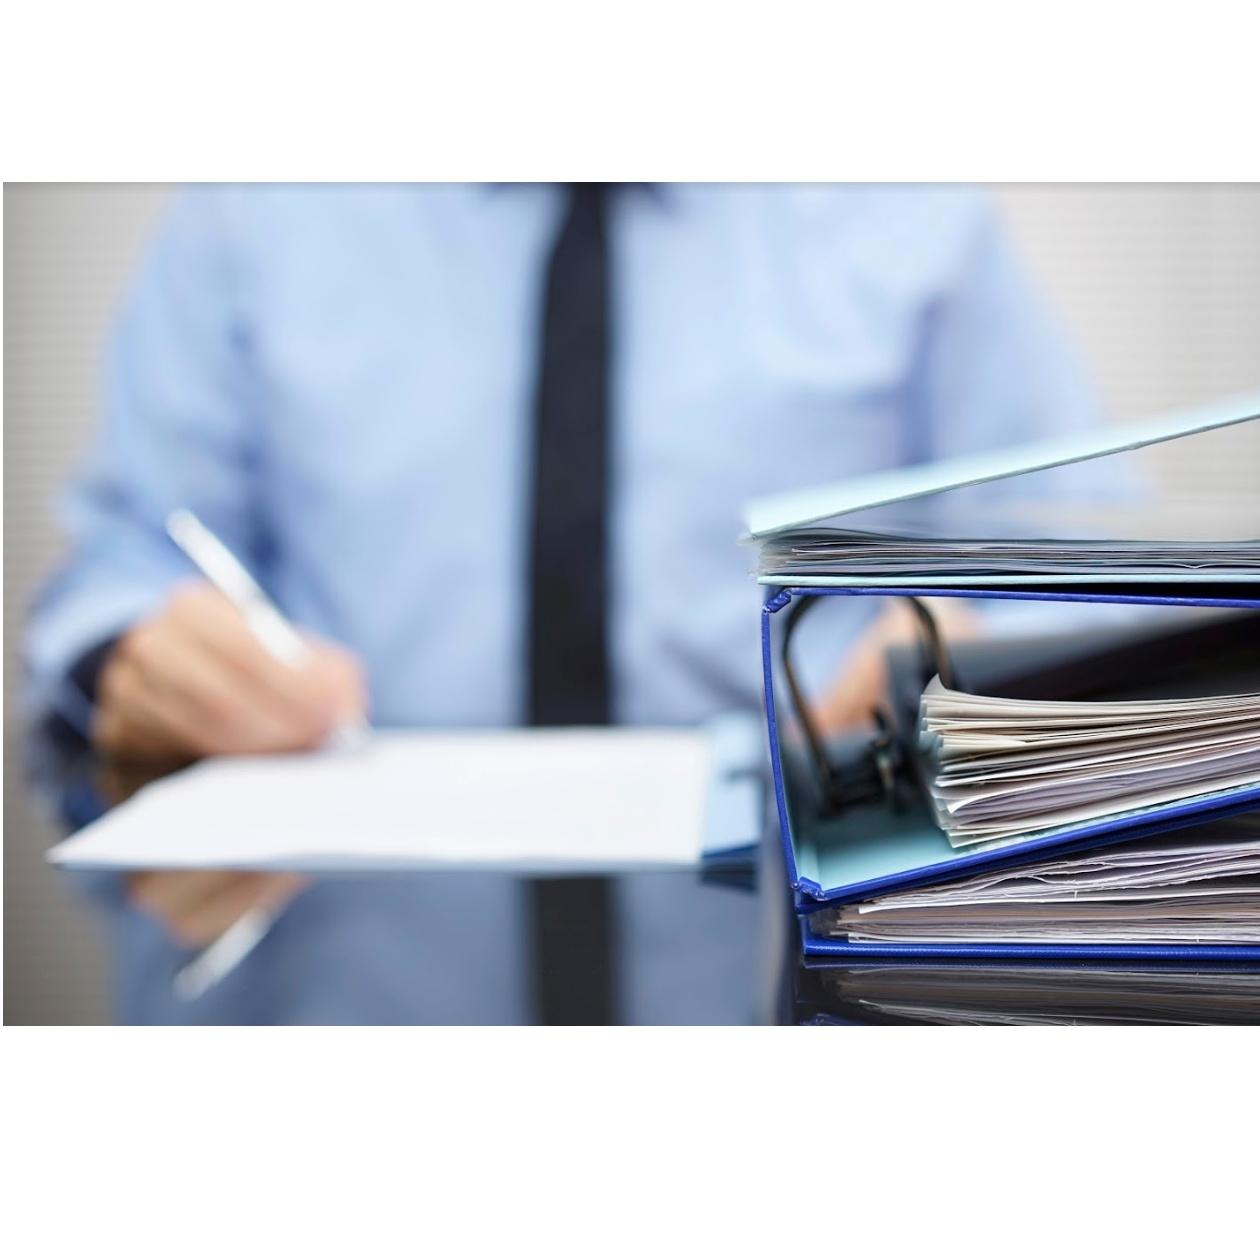 Asesoría laboral: Agencia de seguros y asesoría de Monzó & Peris SL